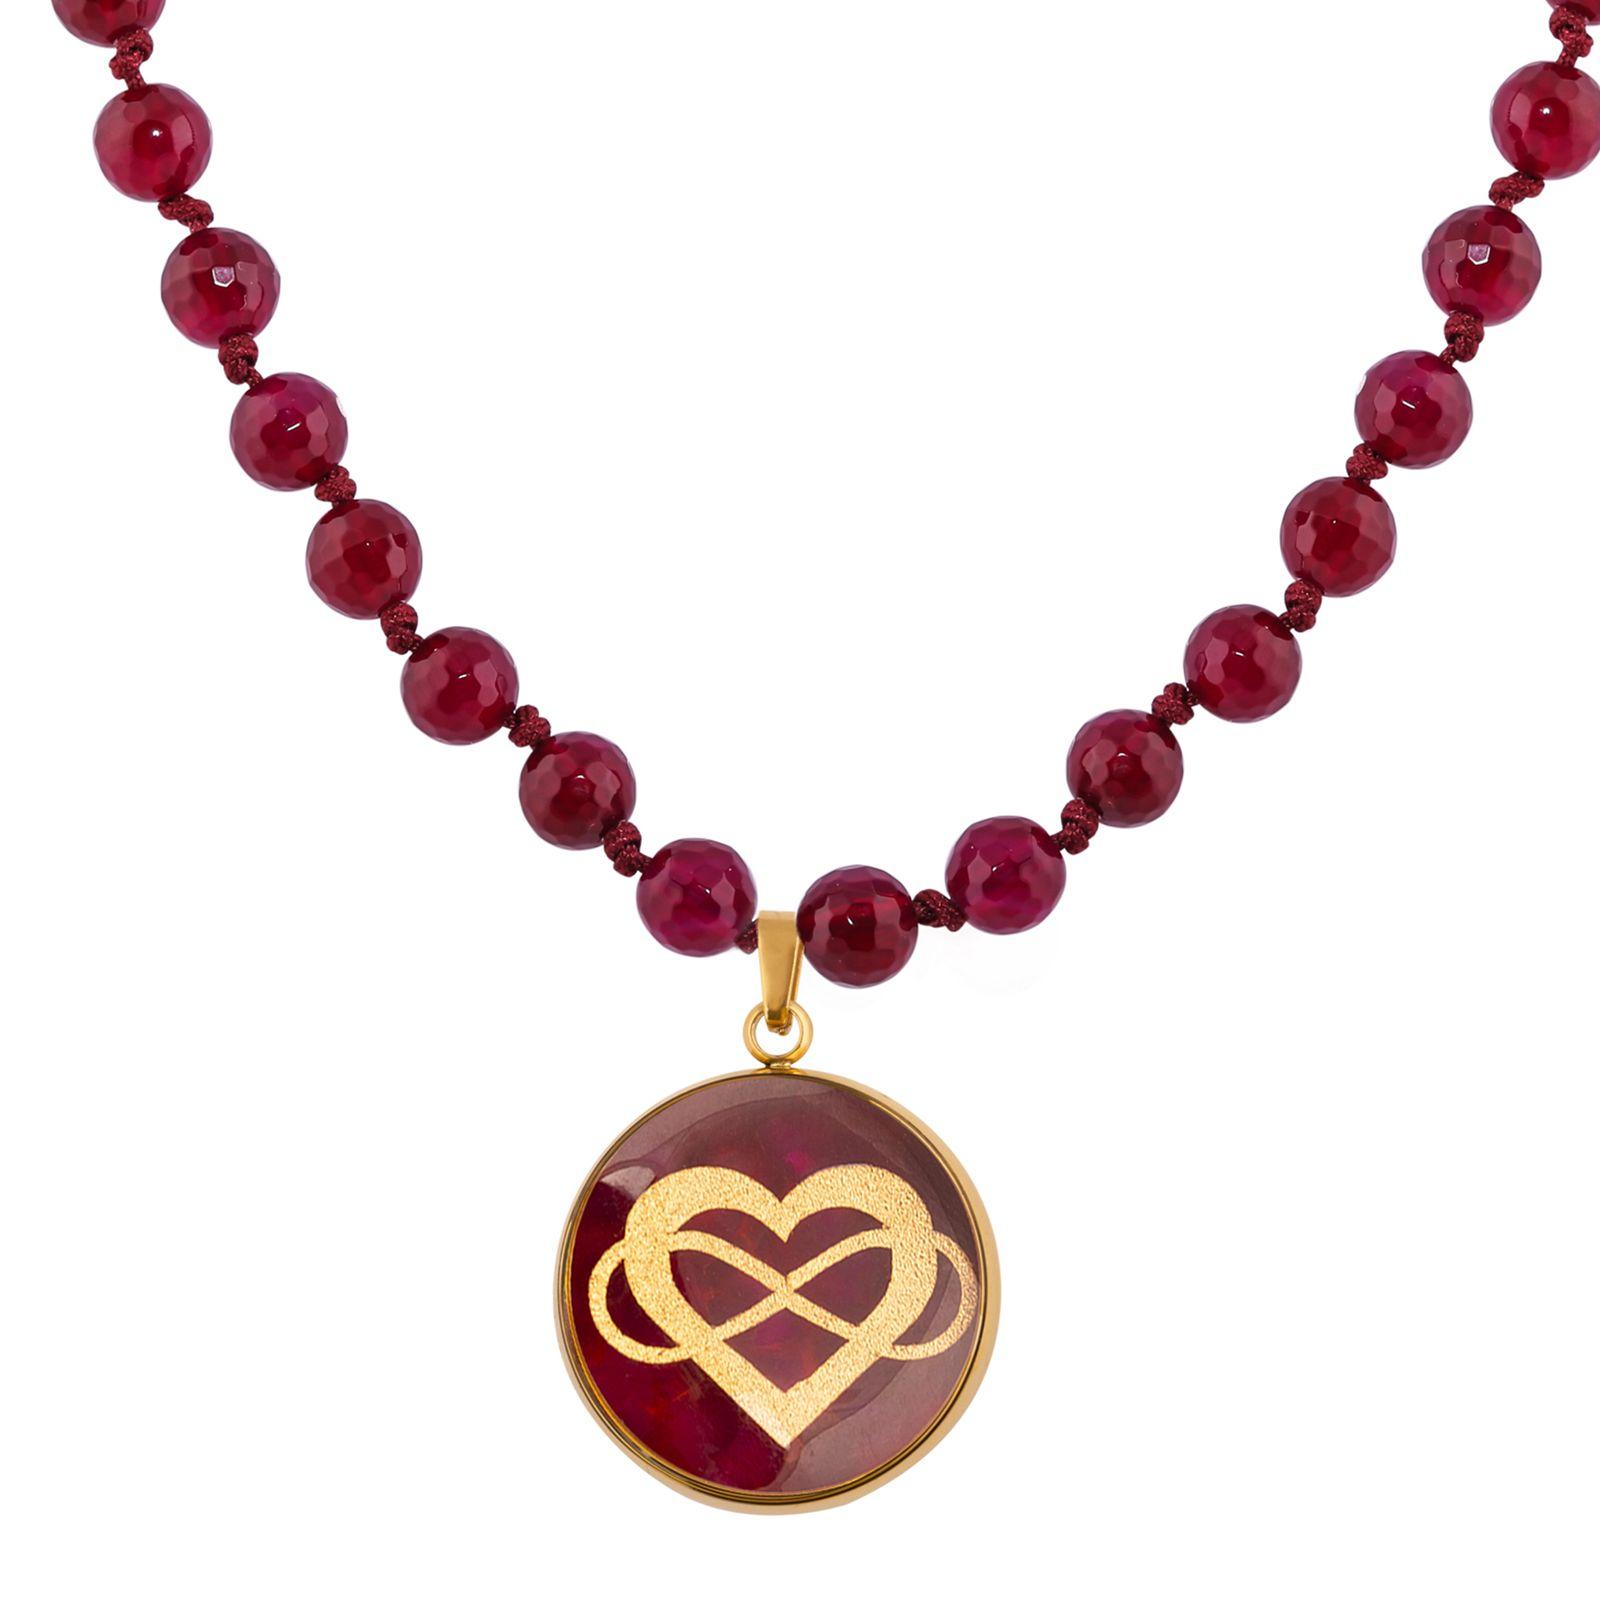 گردنبند زنانه الون طرح قلب و بی نهایت  کد AGH102 -  - 5